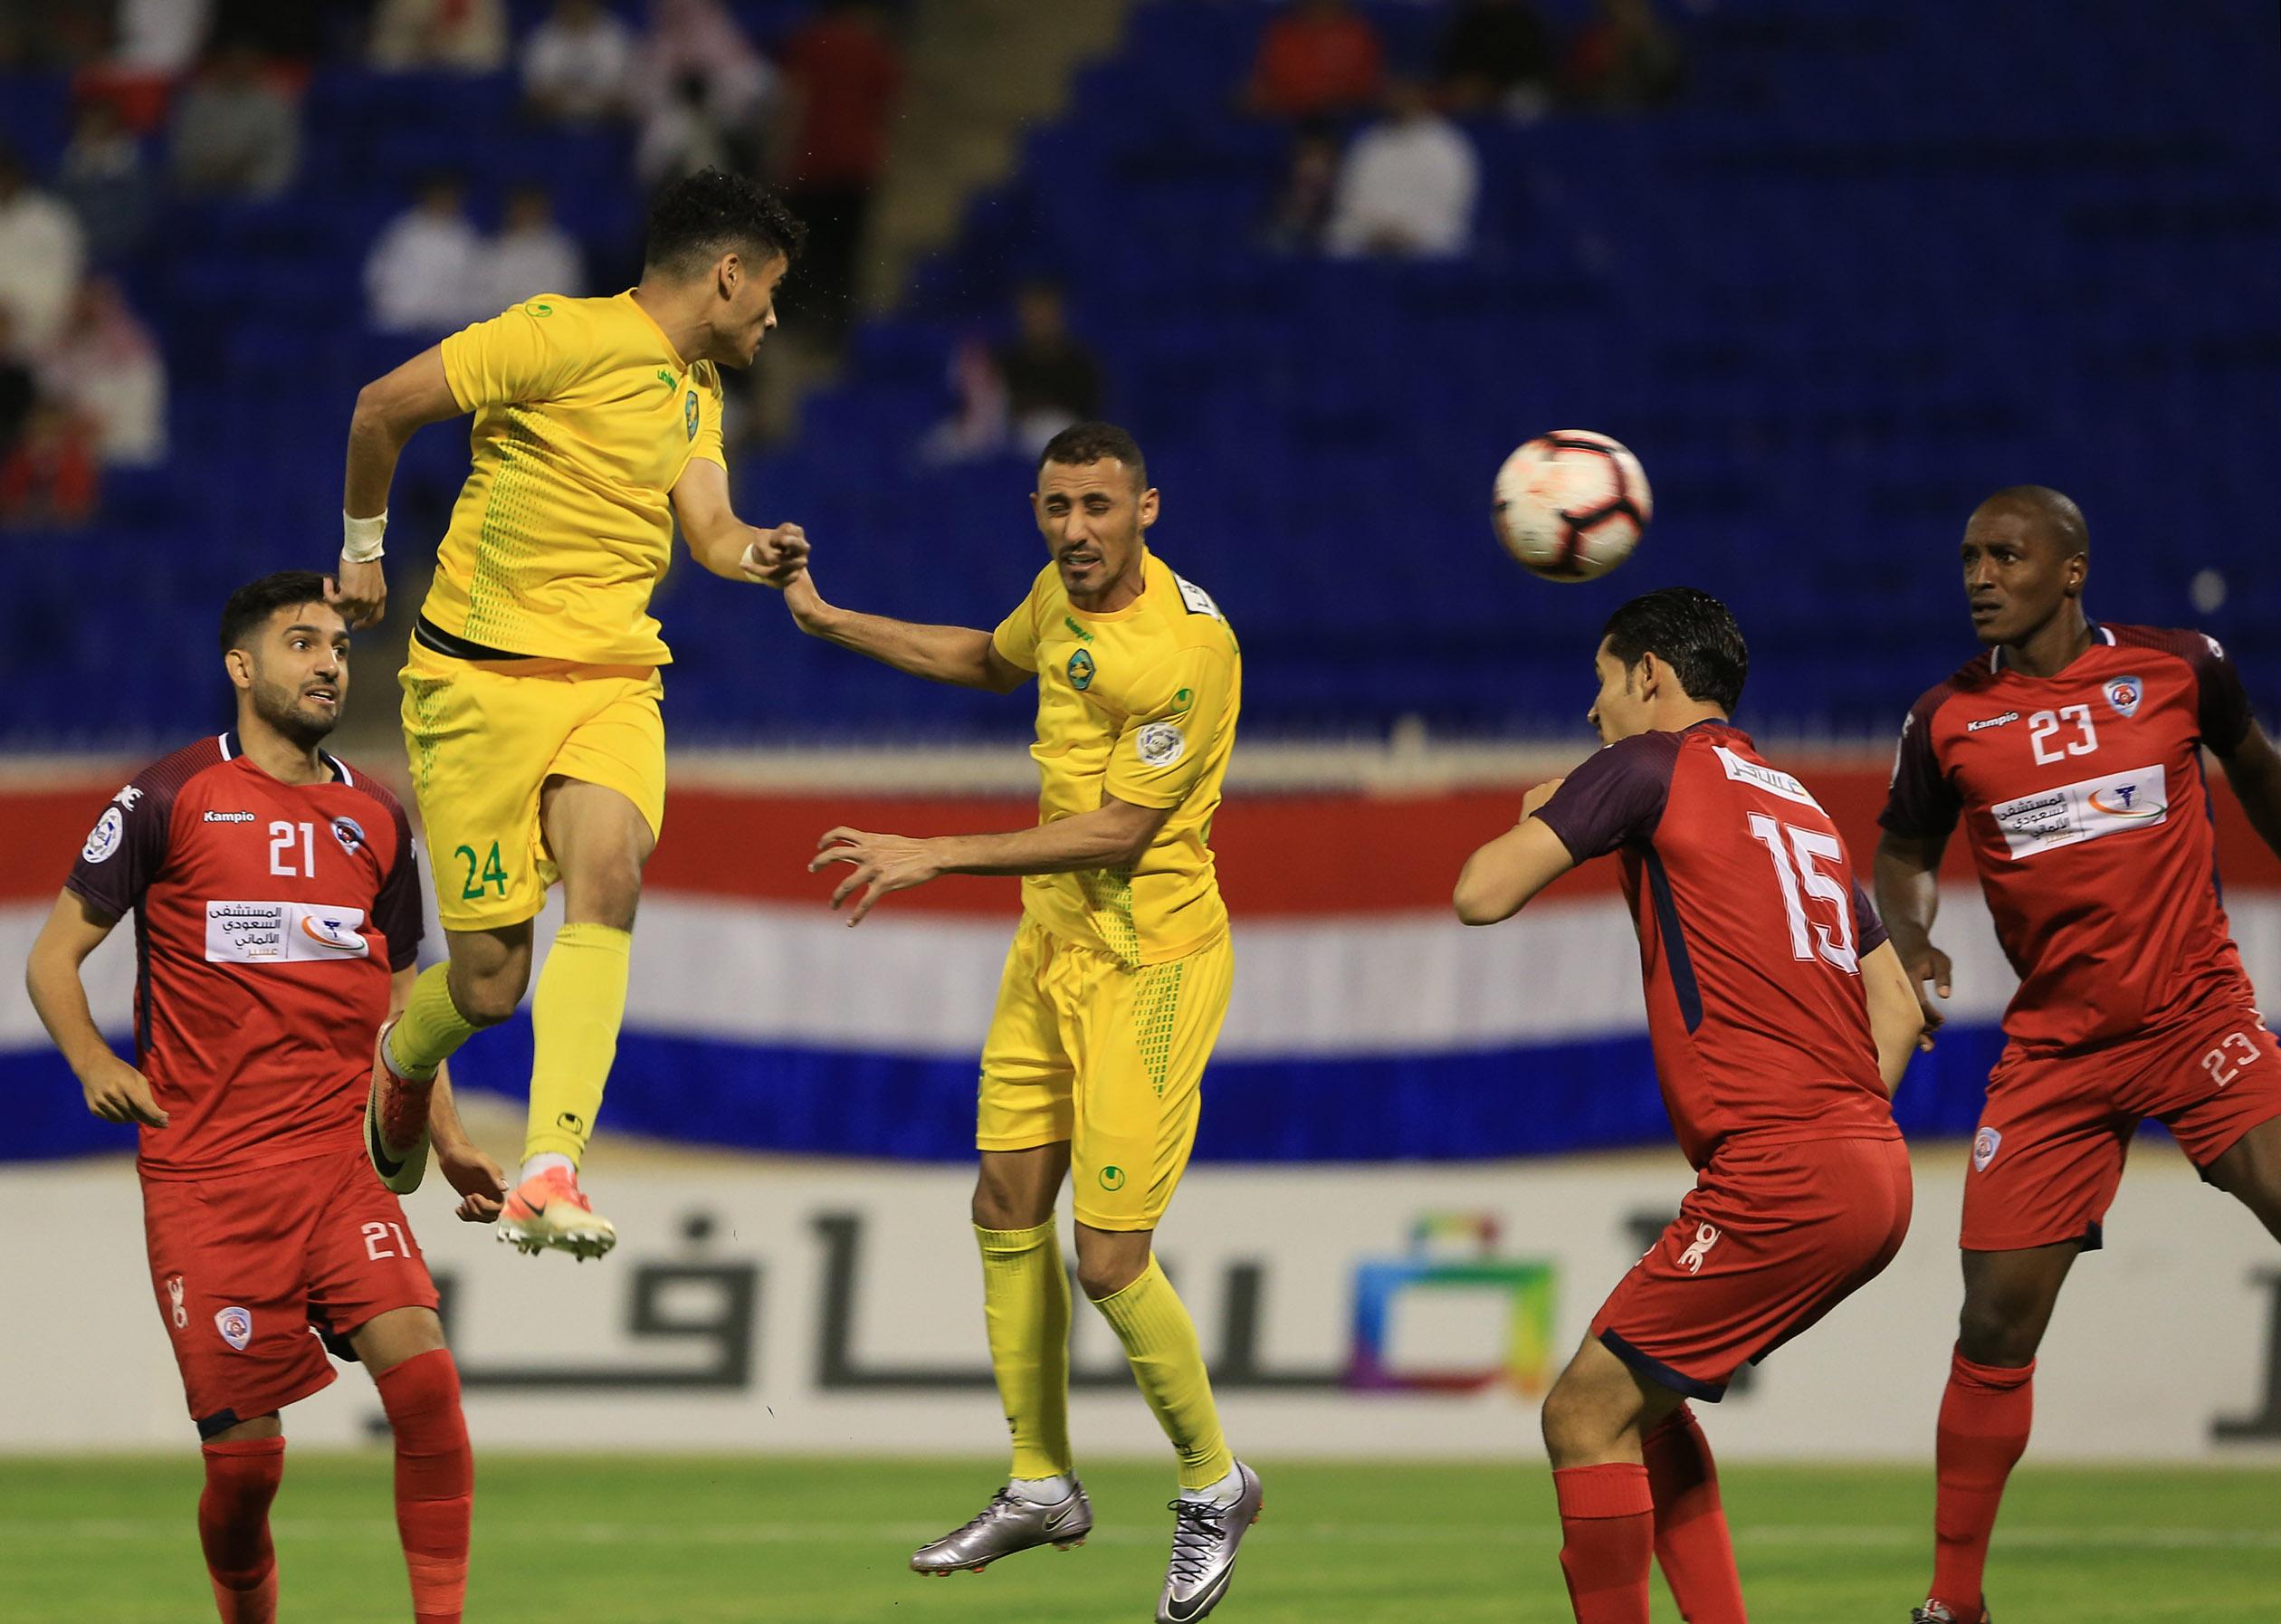 الخليج ينهي دوري الأمير محمد بن سلمان بالتعادل مع البطل أبها ويتأهل لملحق الصعود